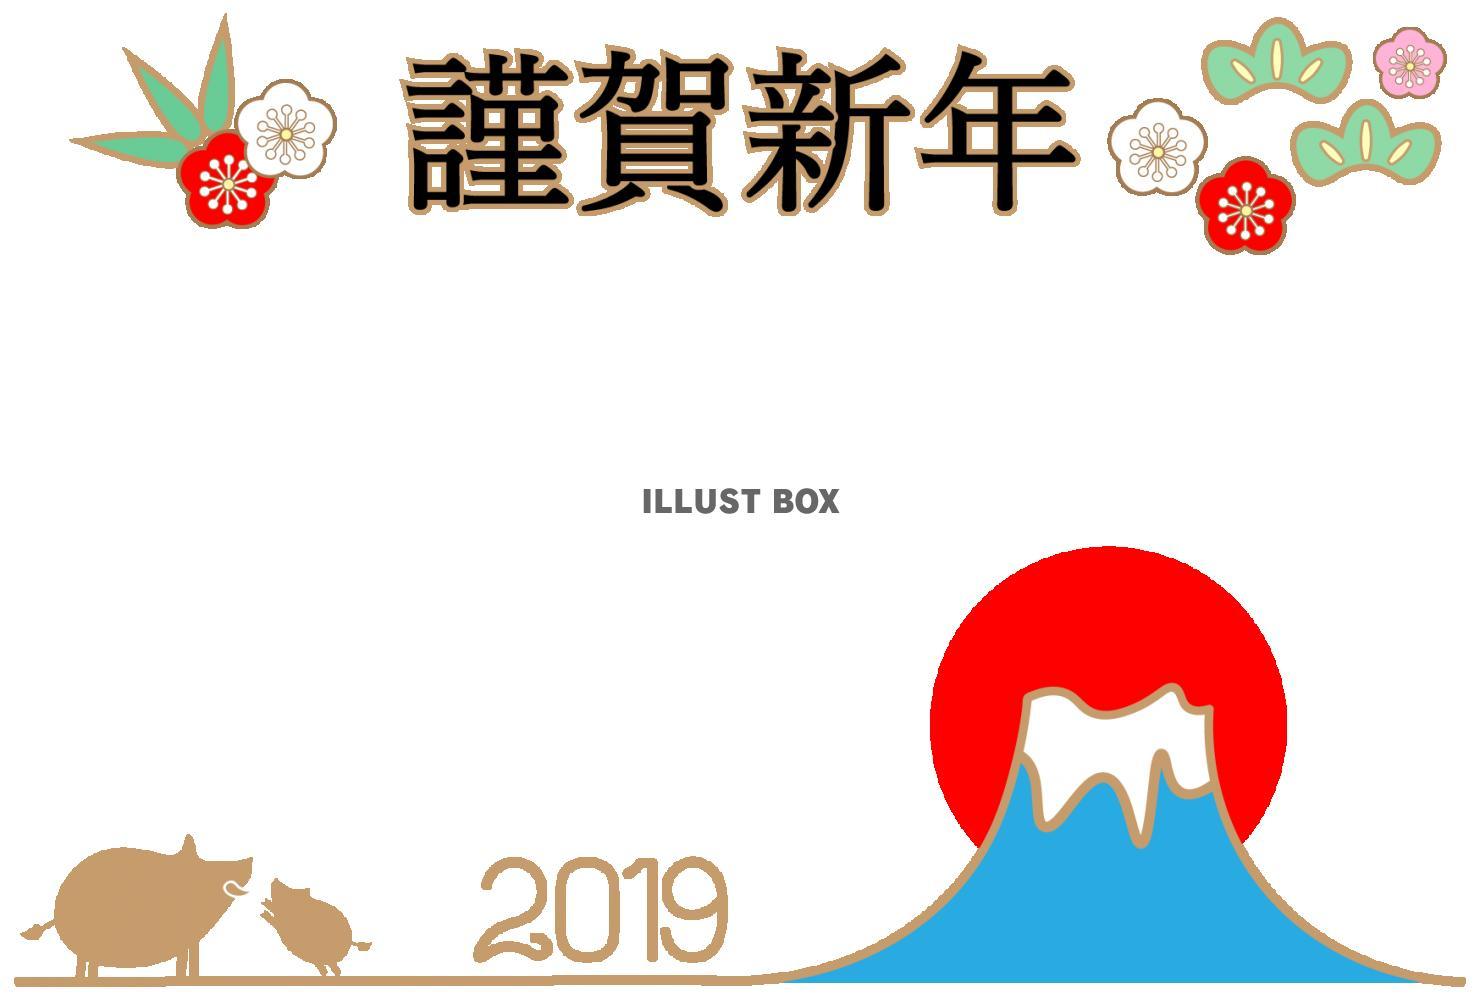 2019イノシシ親子謹賀新年松竹梅年賀状イラスト